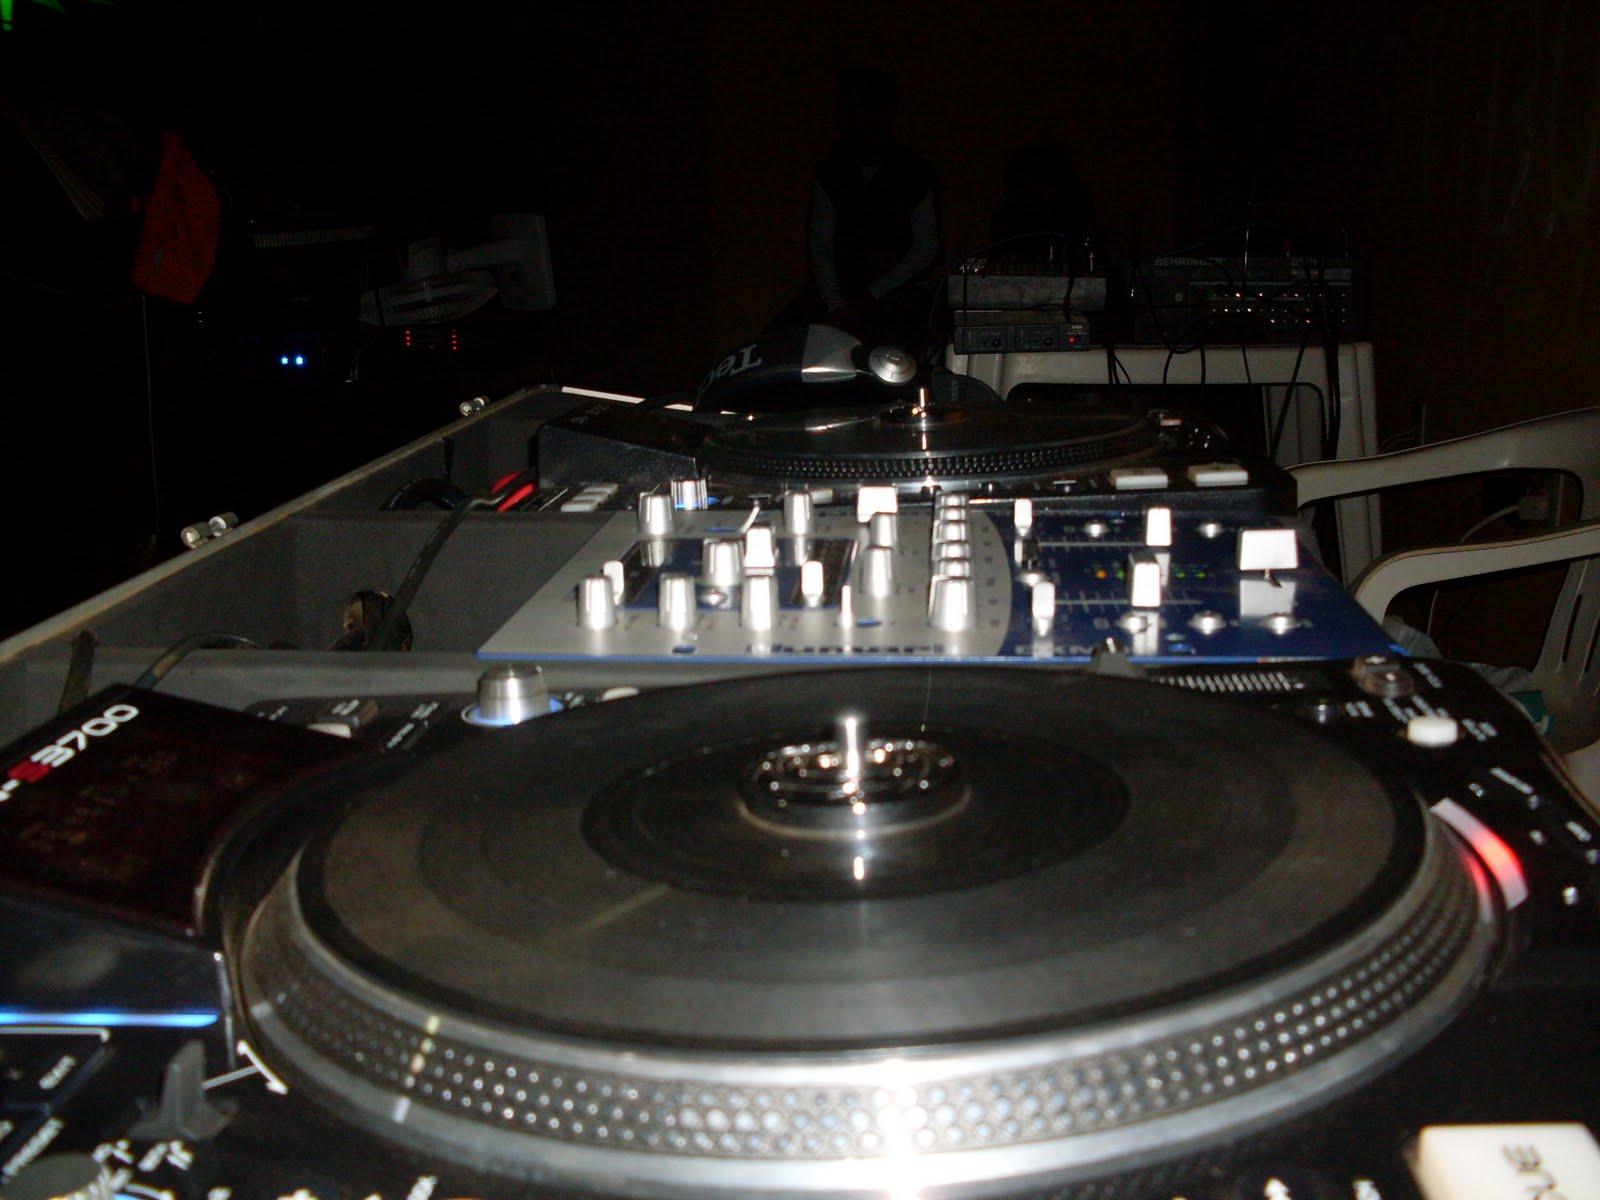 DJ Jose - Hesitate 2011